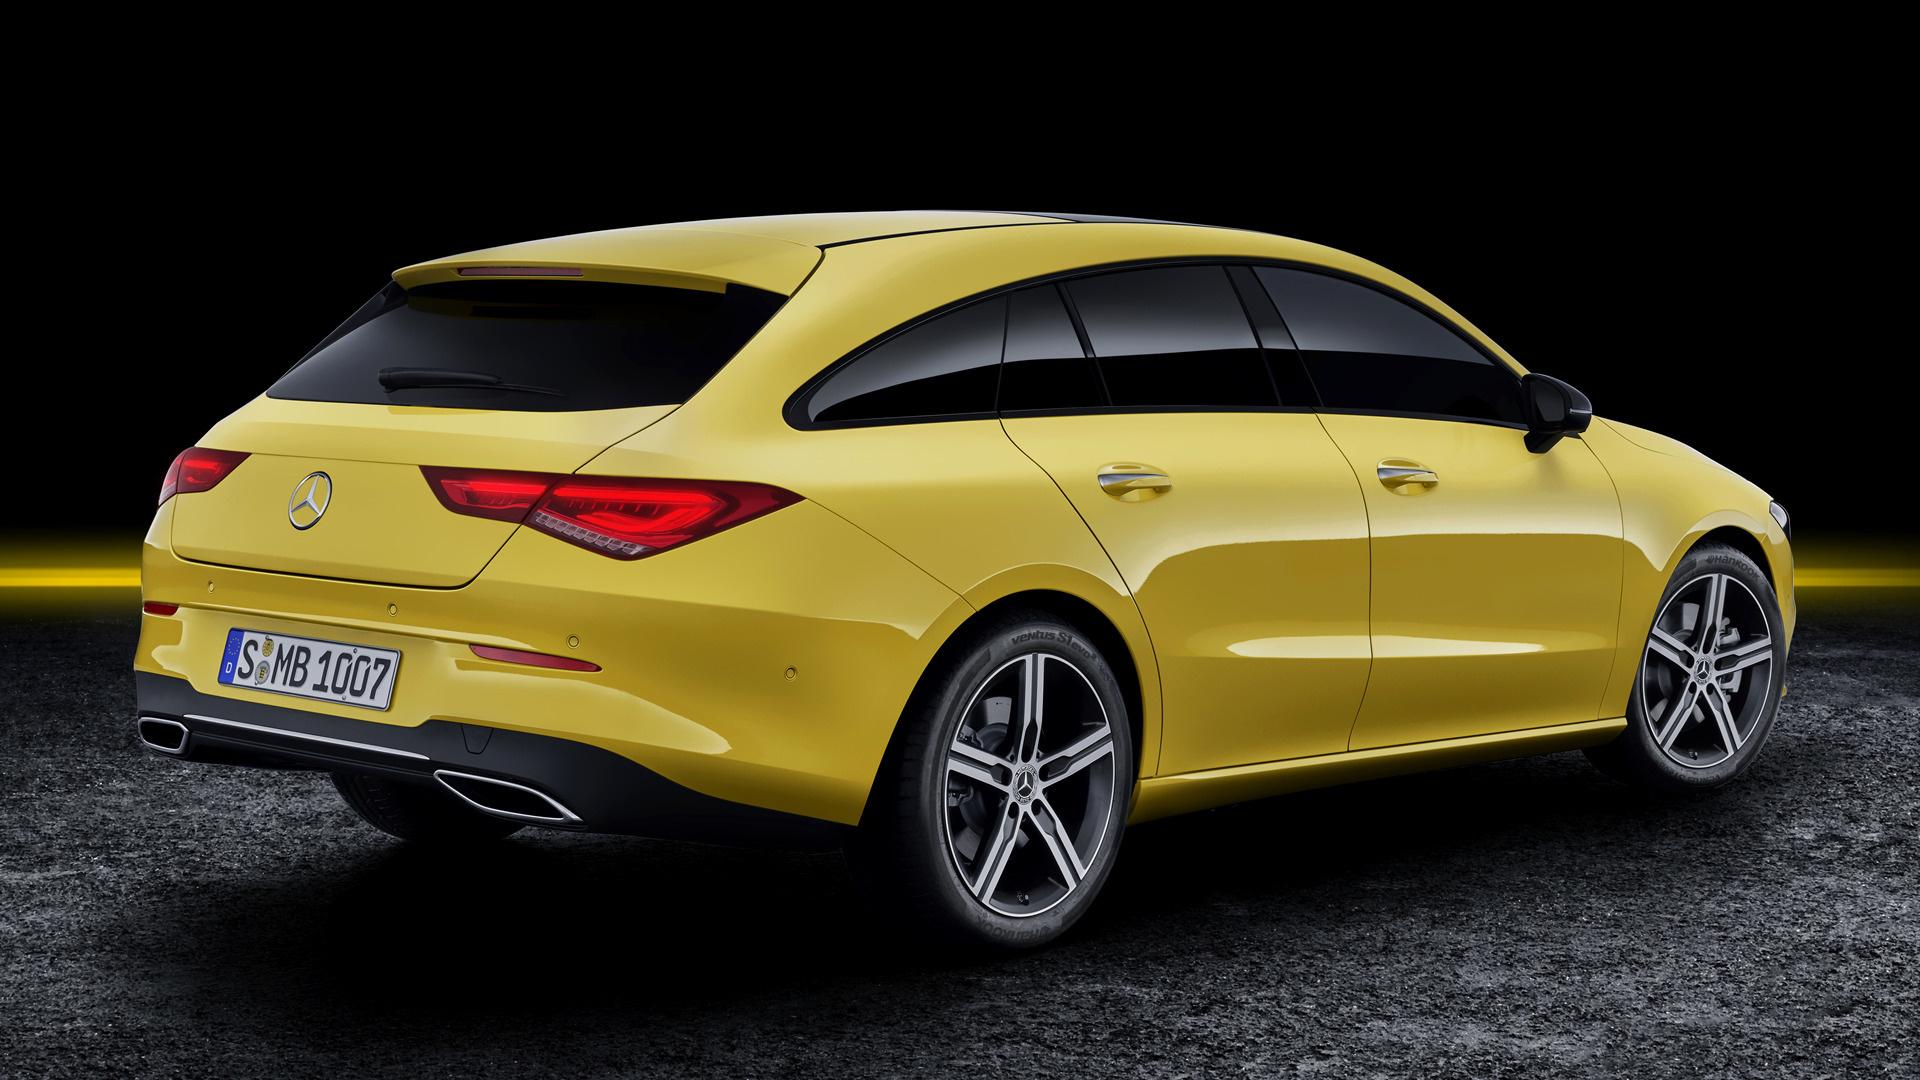 Mercedes E Class 2017 >> 2019 Mercedes-Benz CLA-Class Shooting Brake - Wallpapers ...